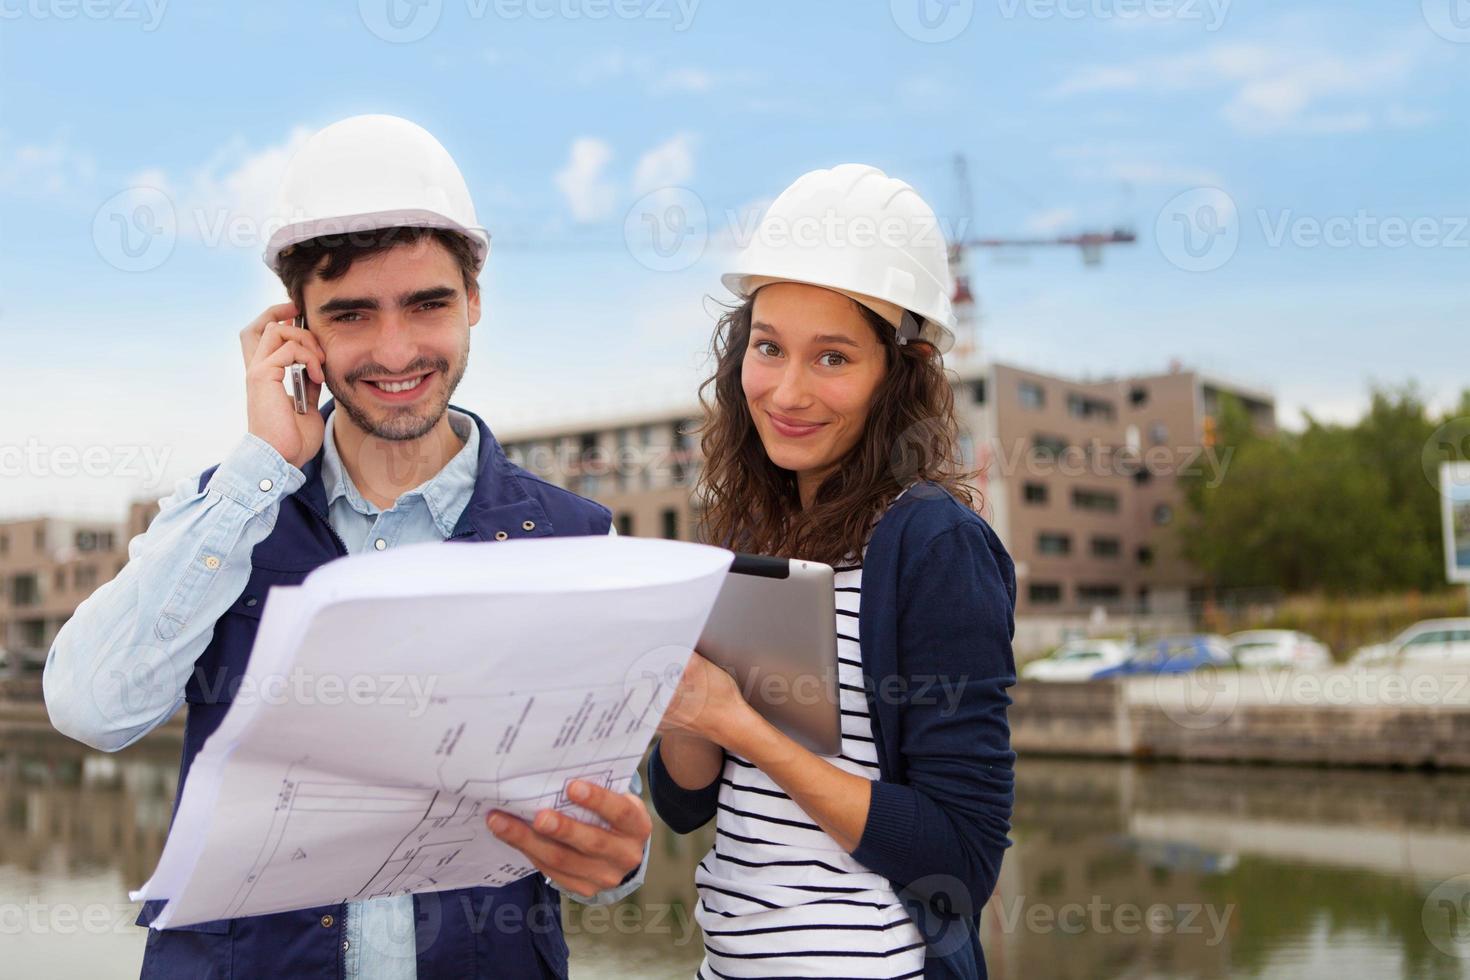 Architektin und Bauleiterin foto